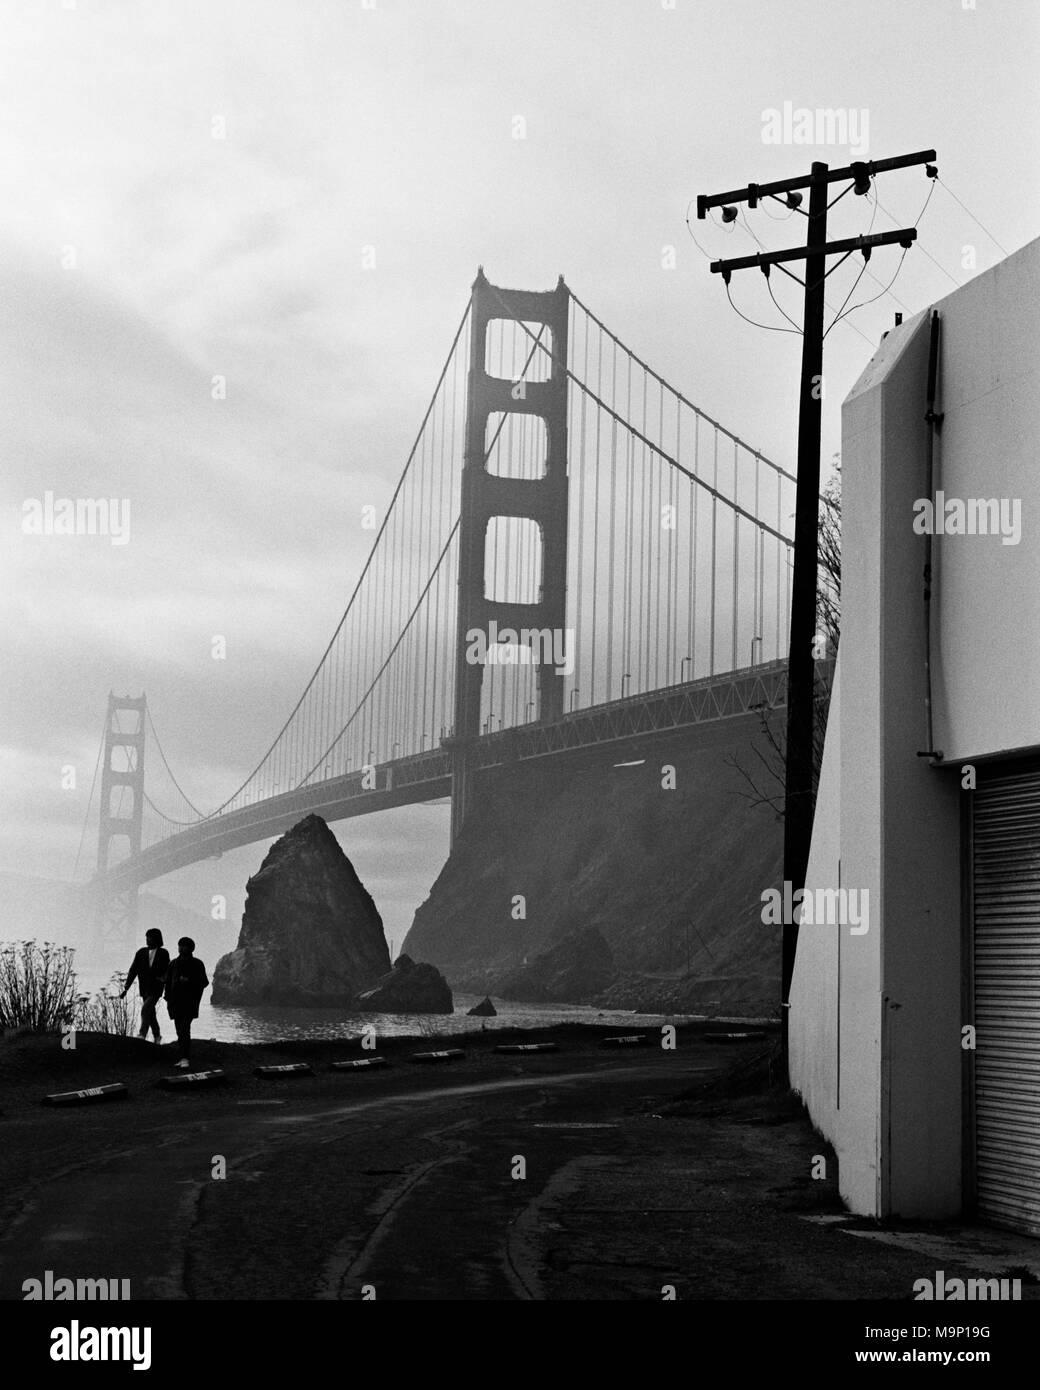 Eine Silhouette Paar entlang das Wasser mit der Golden Gate Bridge im Hintergrund. Golden Gate National Recreation Area, Marin County, Kalifornien. Stockfoto